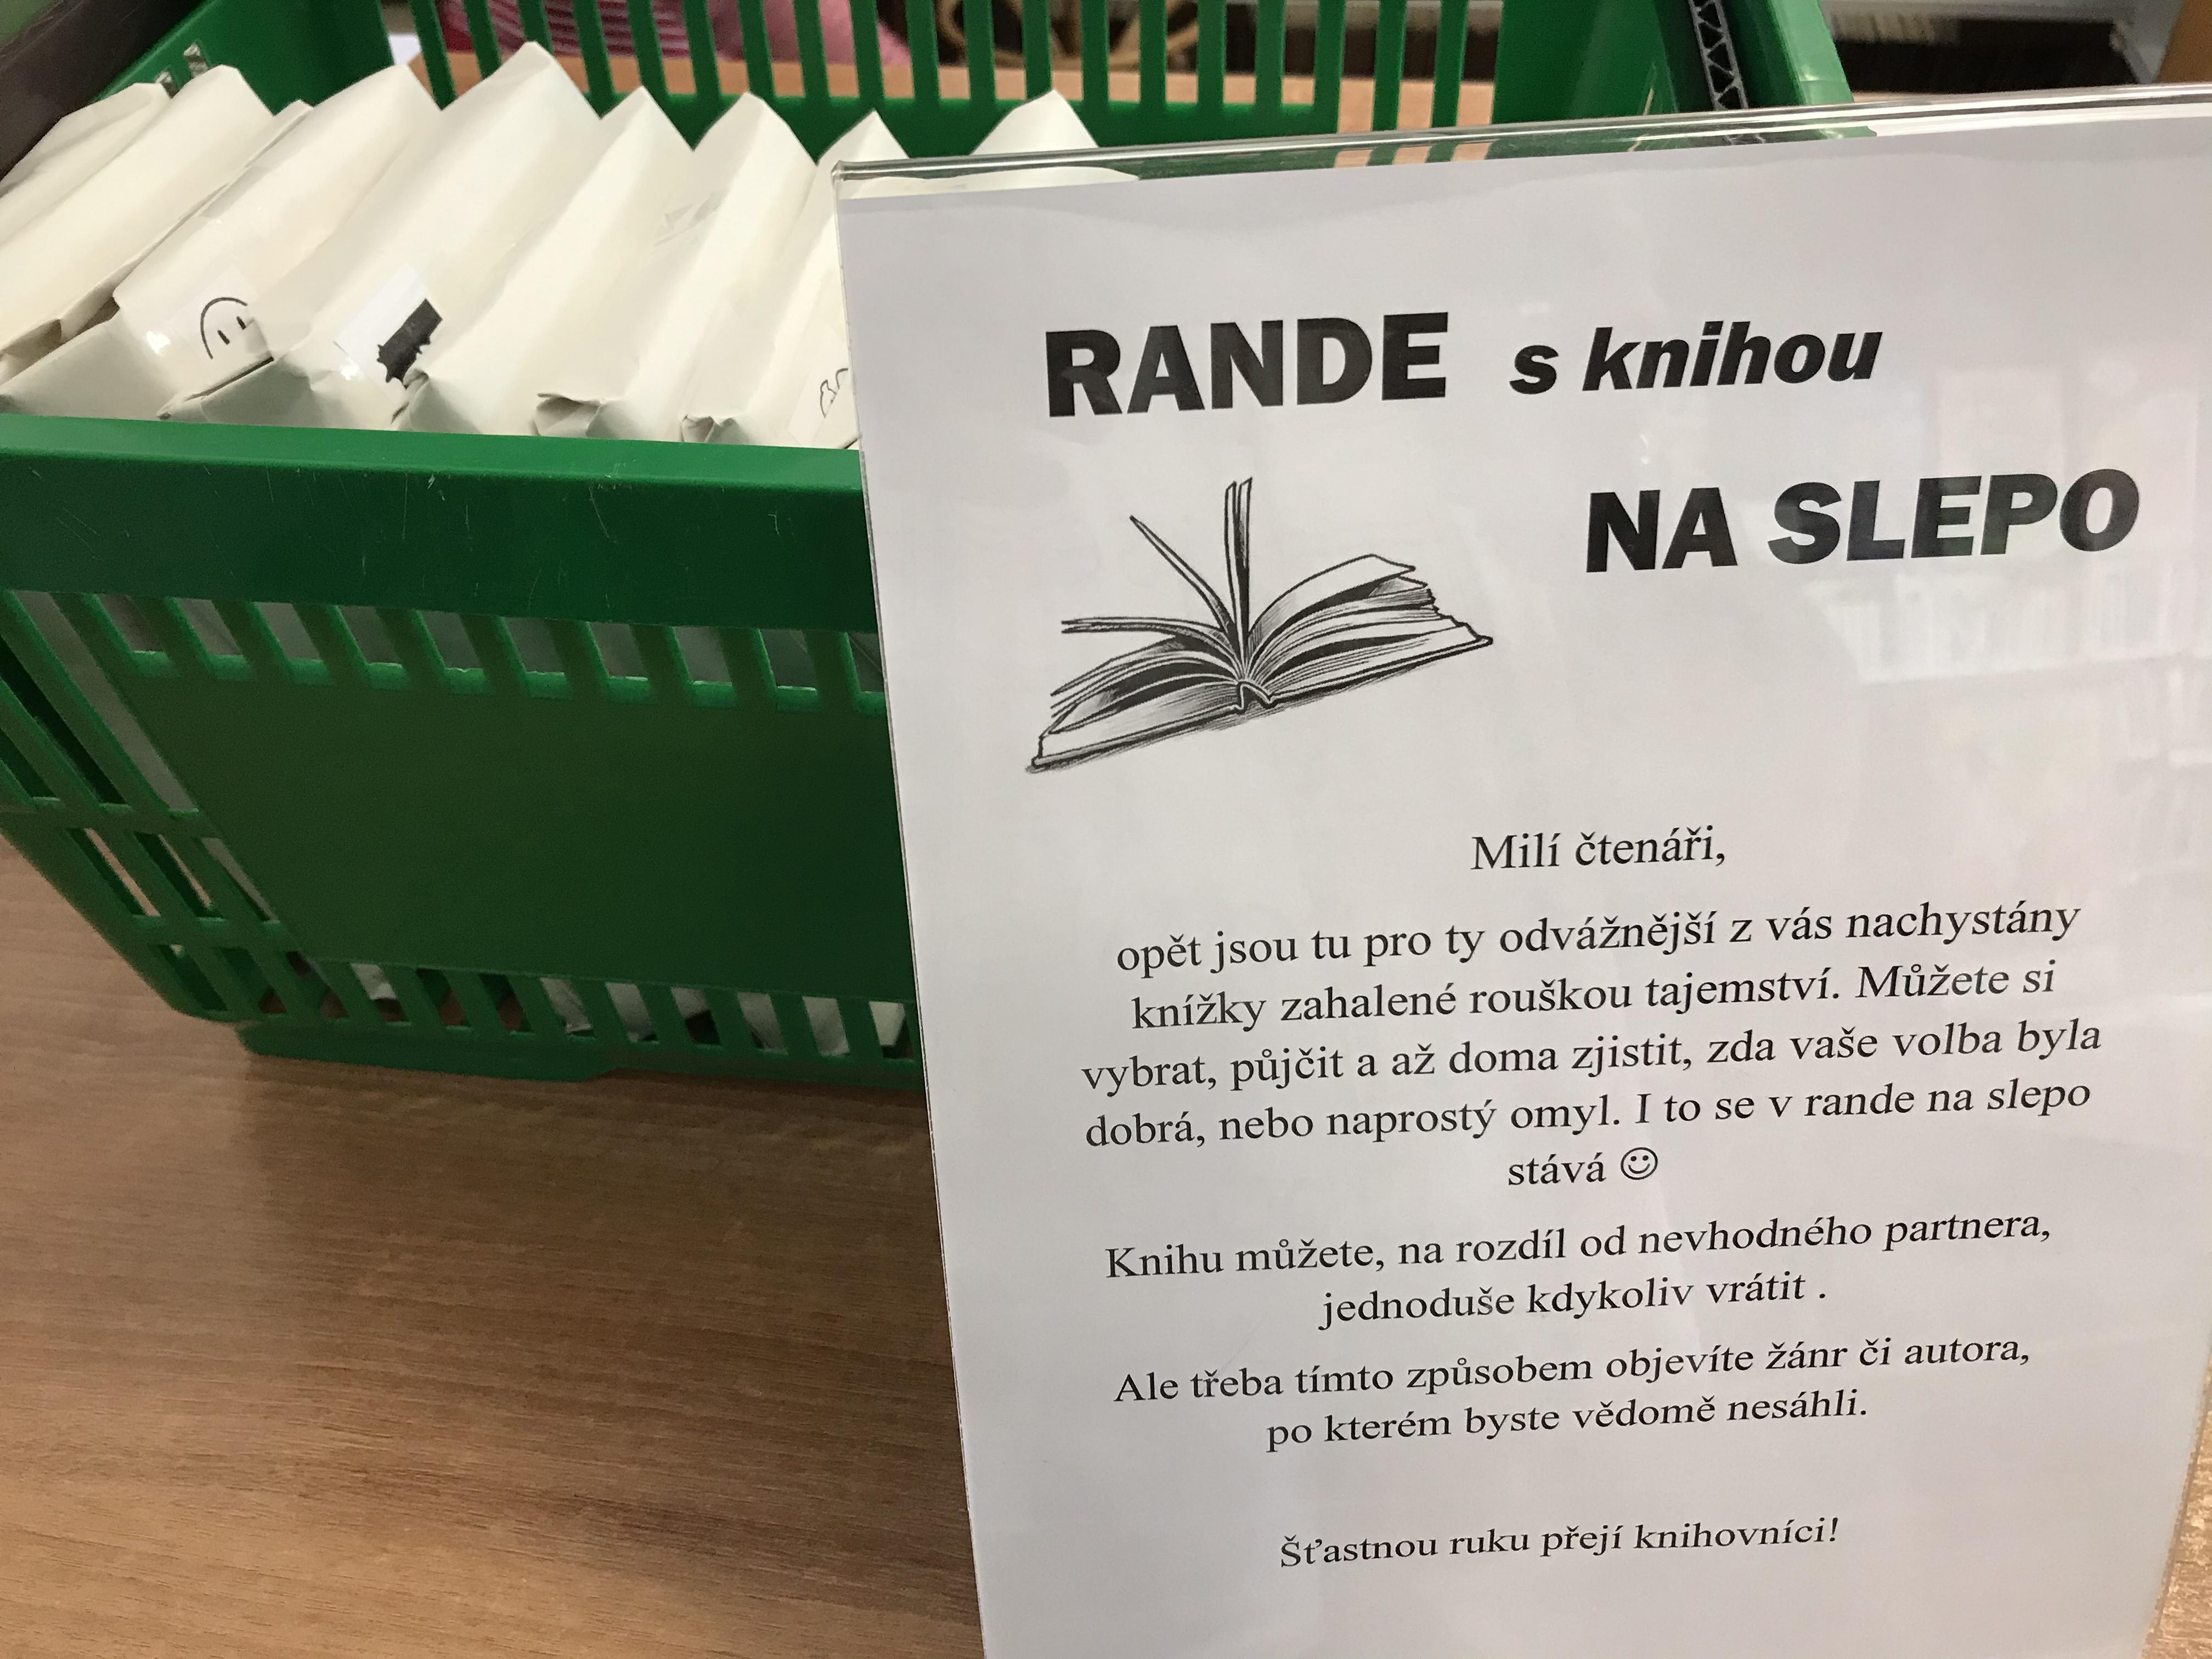 Rande na slepo a kvz o ceny - Kultura Boskovice